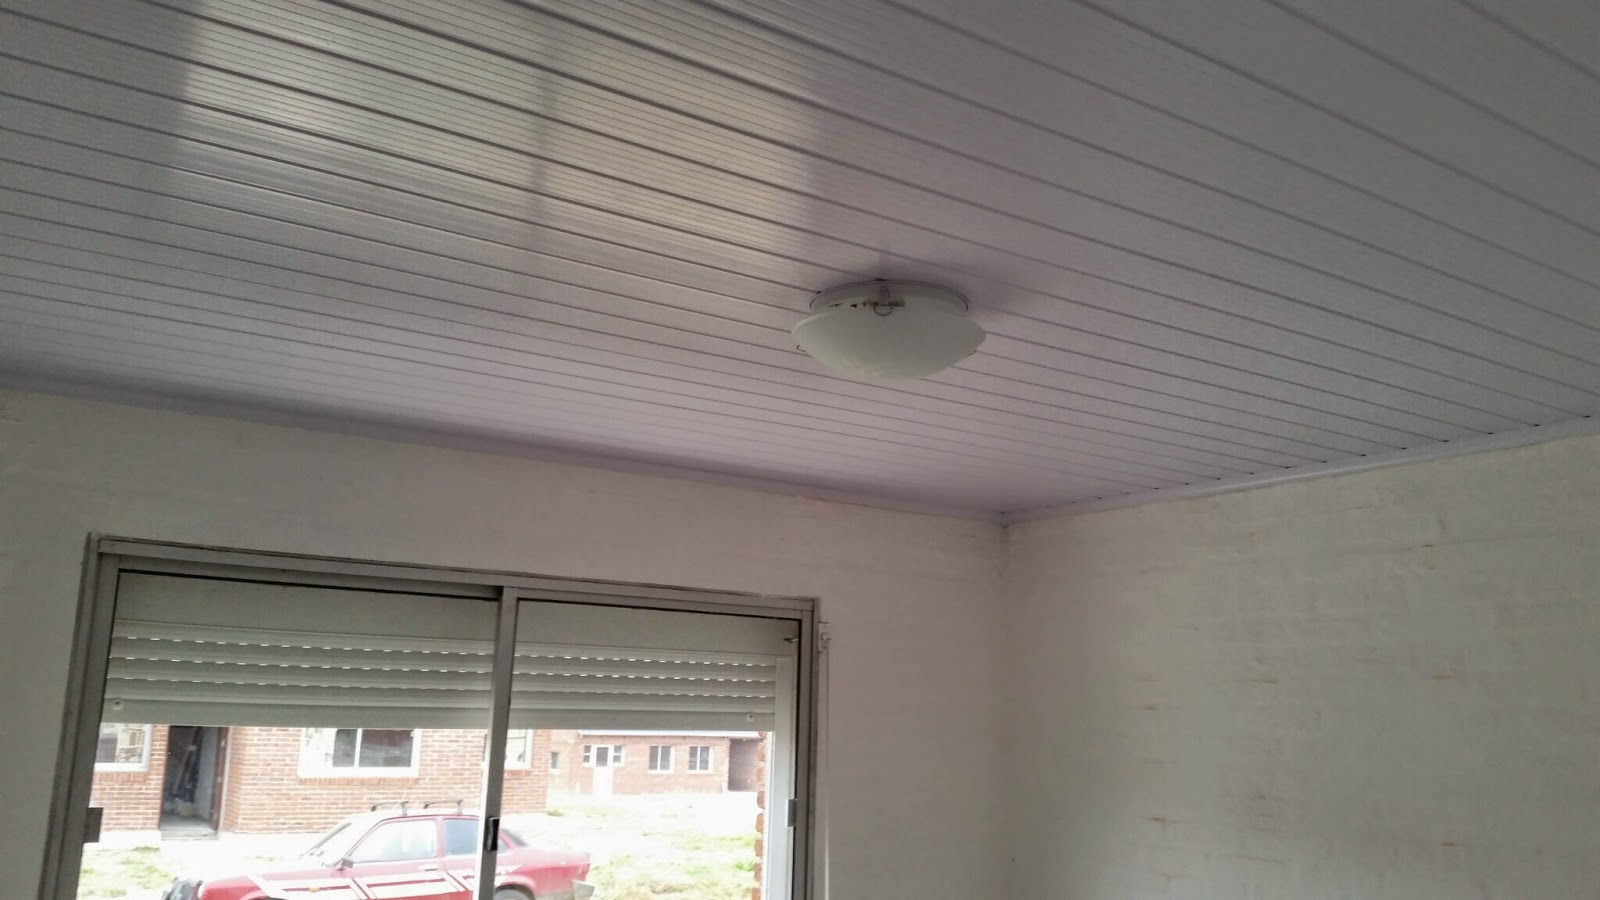 Cielorrasos en pvc uruguay cielo raso en pvc color y blanco for Modelos de cielo raso para salas